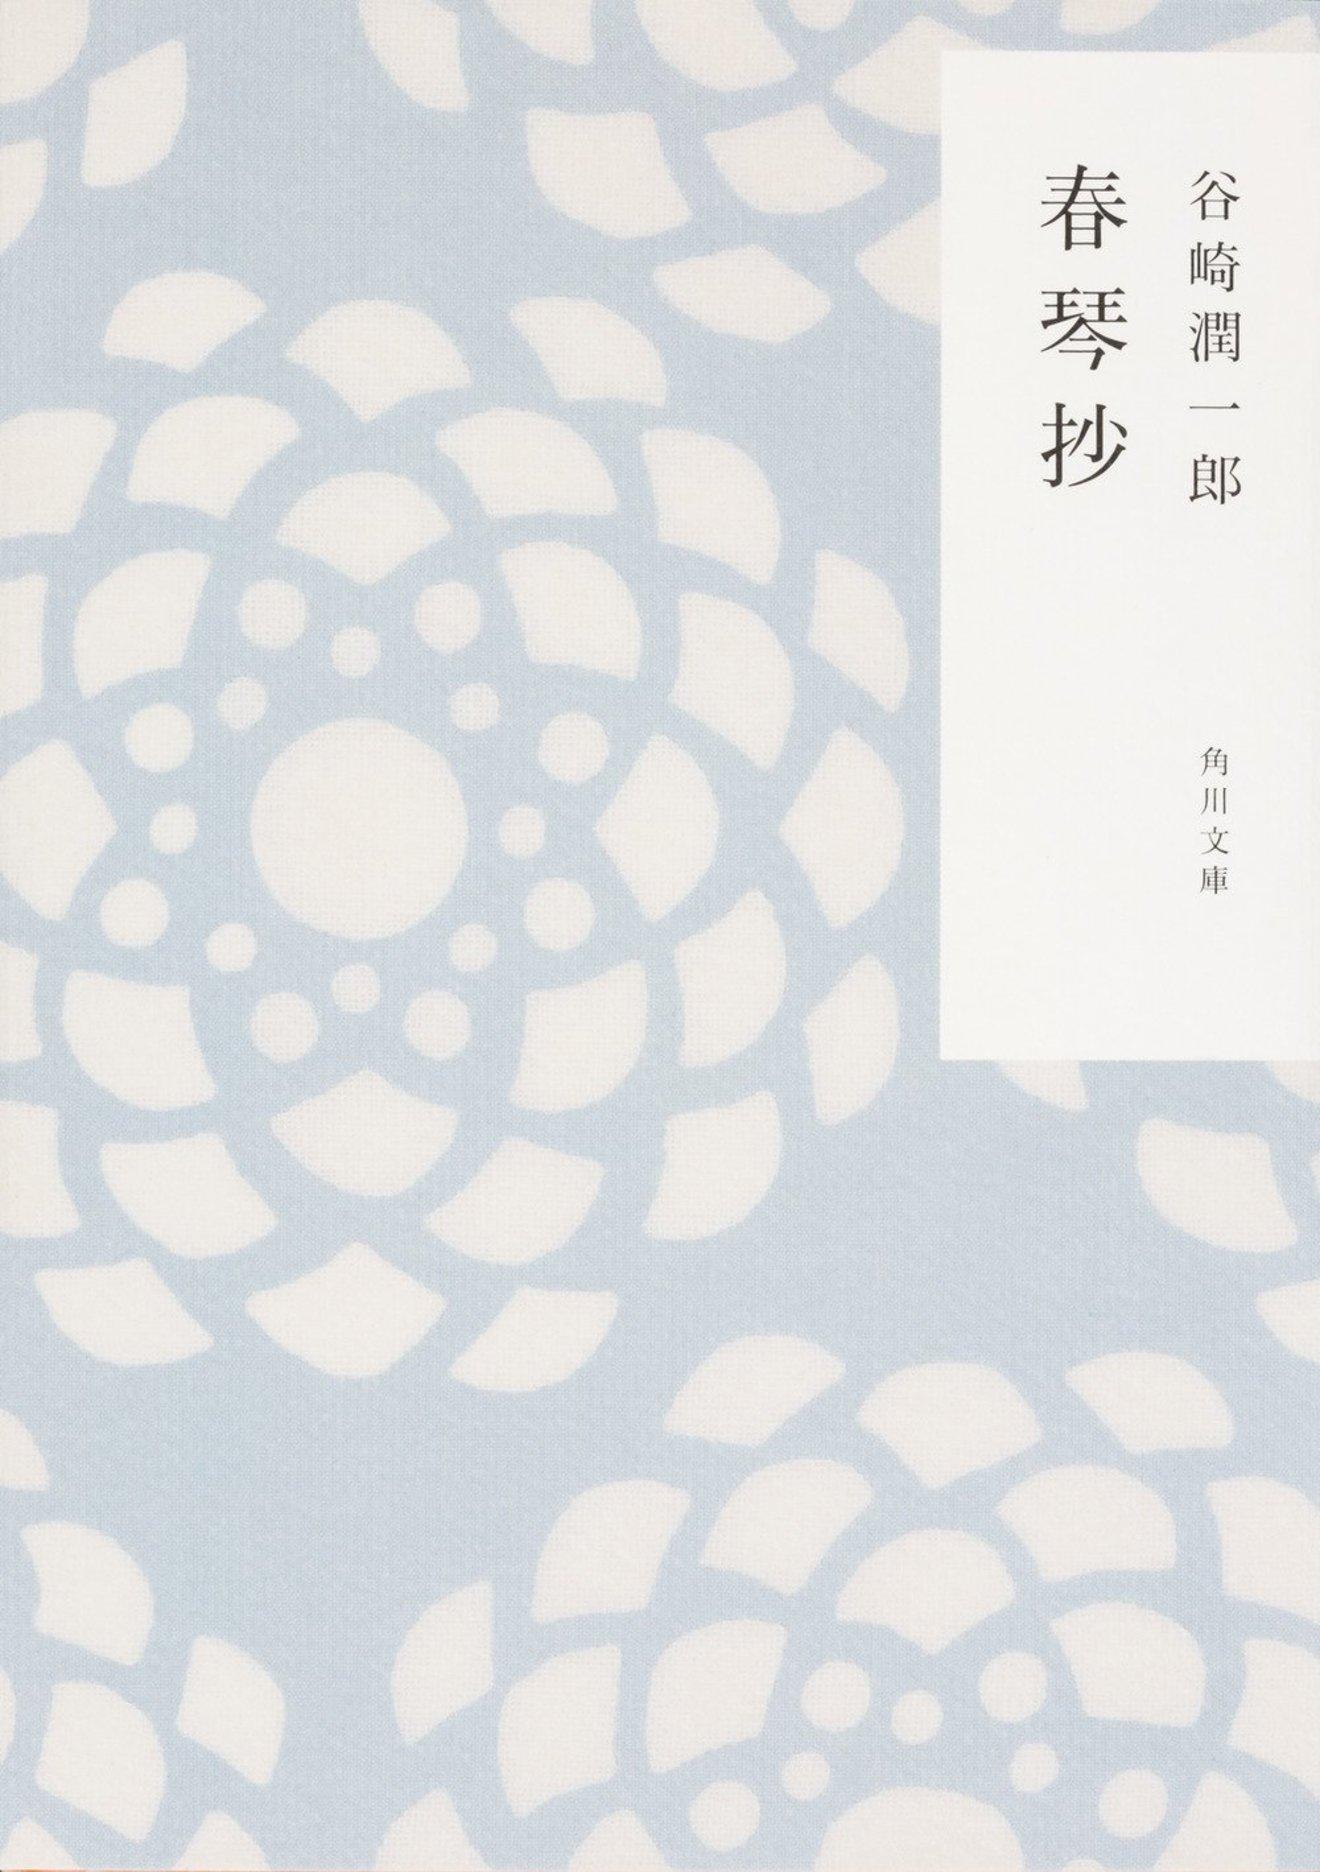 究極のマゾ小説!谷崎潤一郎『春琴抄』はどこがすごいの?